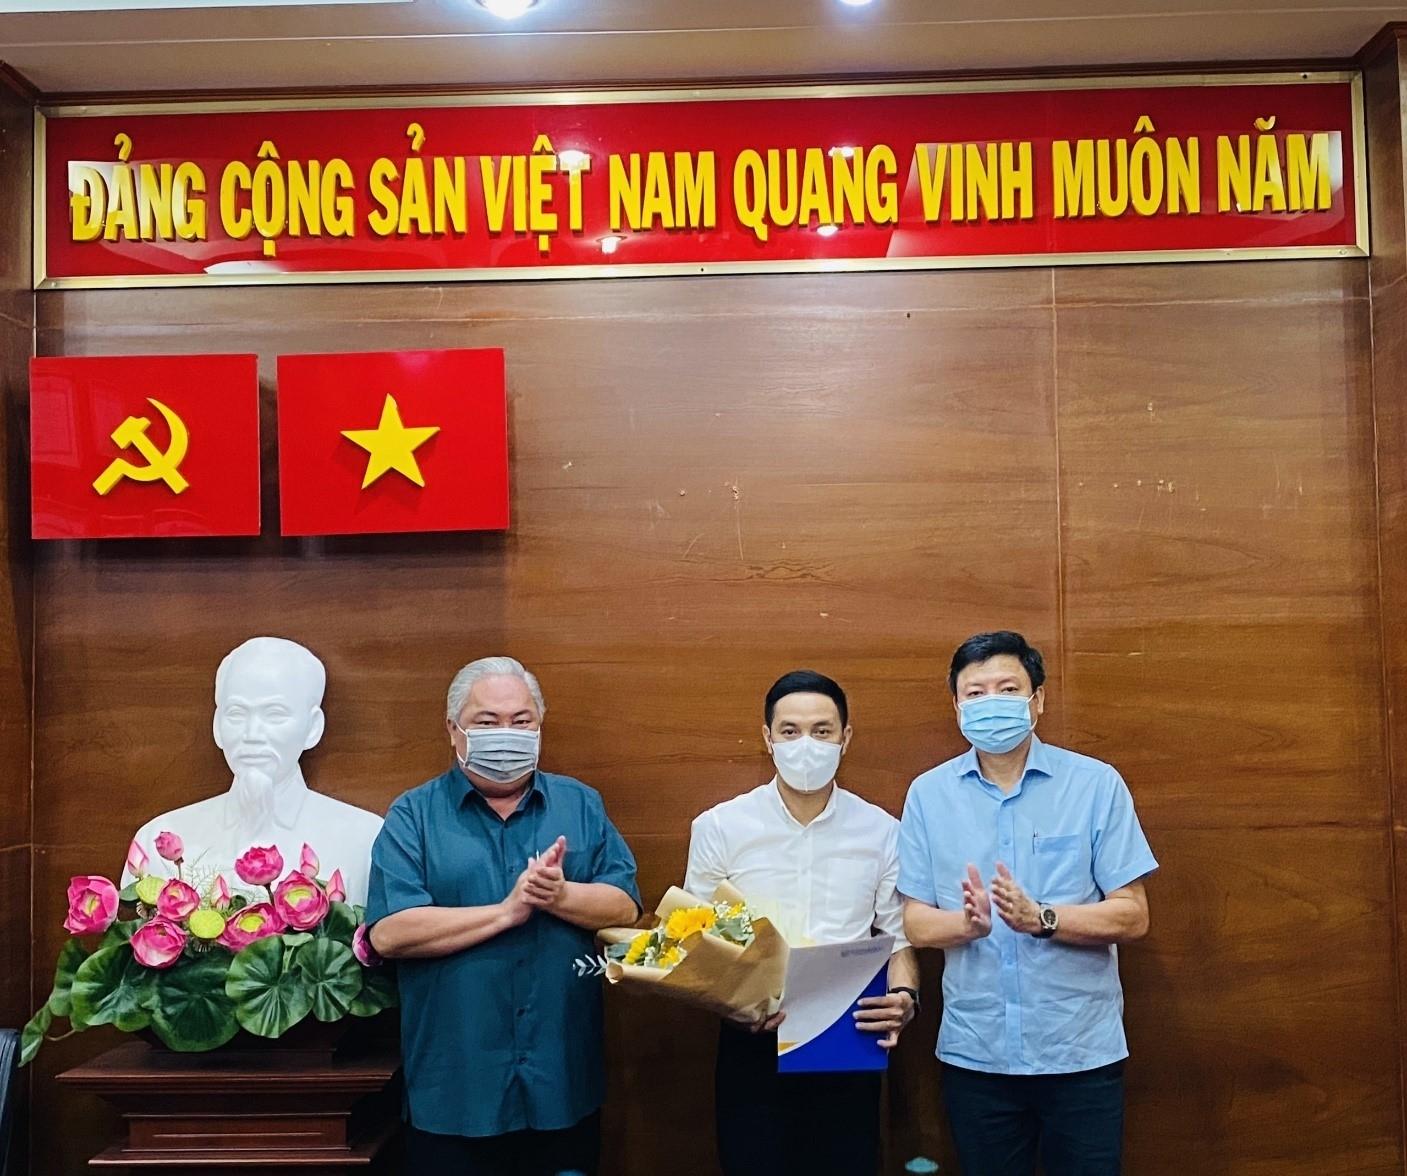 Công bố và trao Quyết định bổ nhiệm Thành viên chuyên trách Hội đồng thành viên Công ty TNHH MTV Dược Sài Gòn